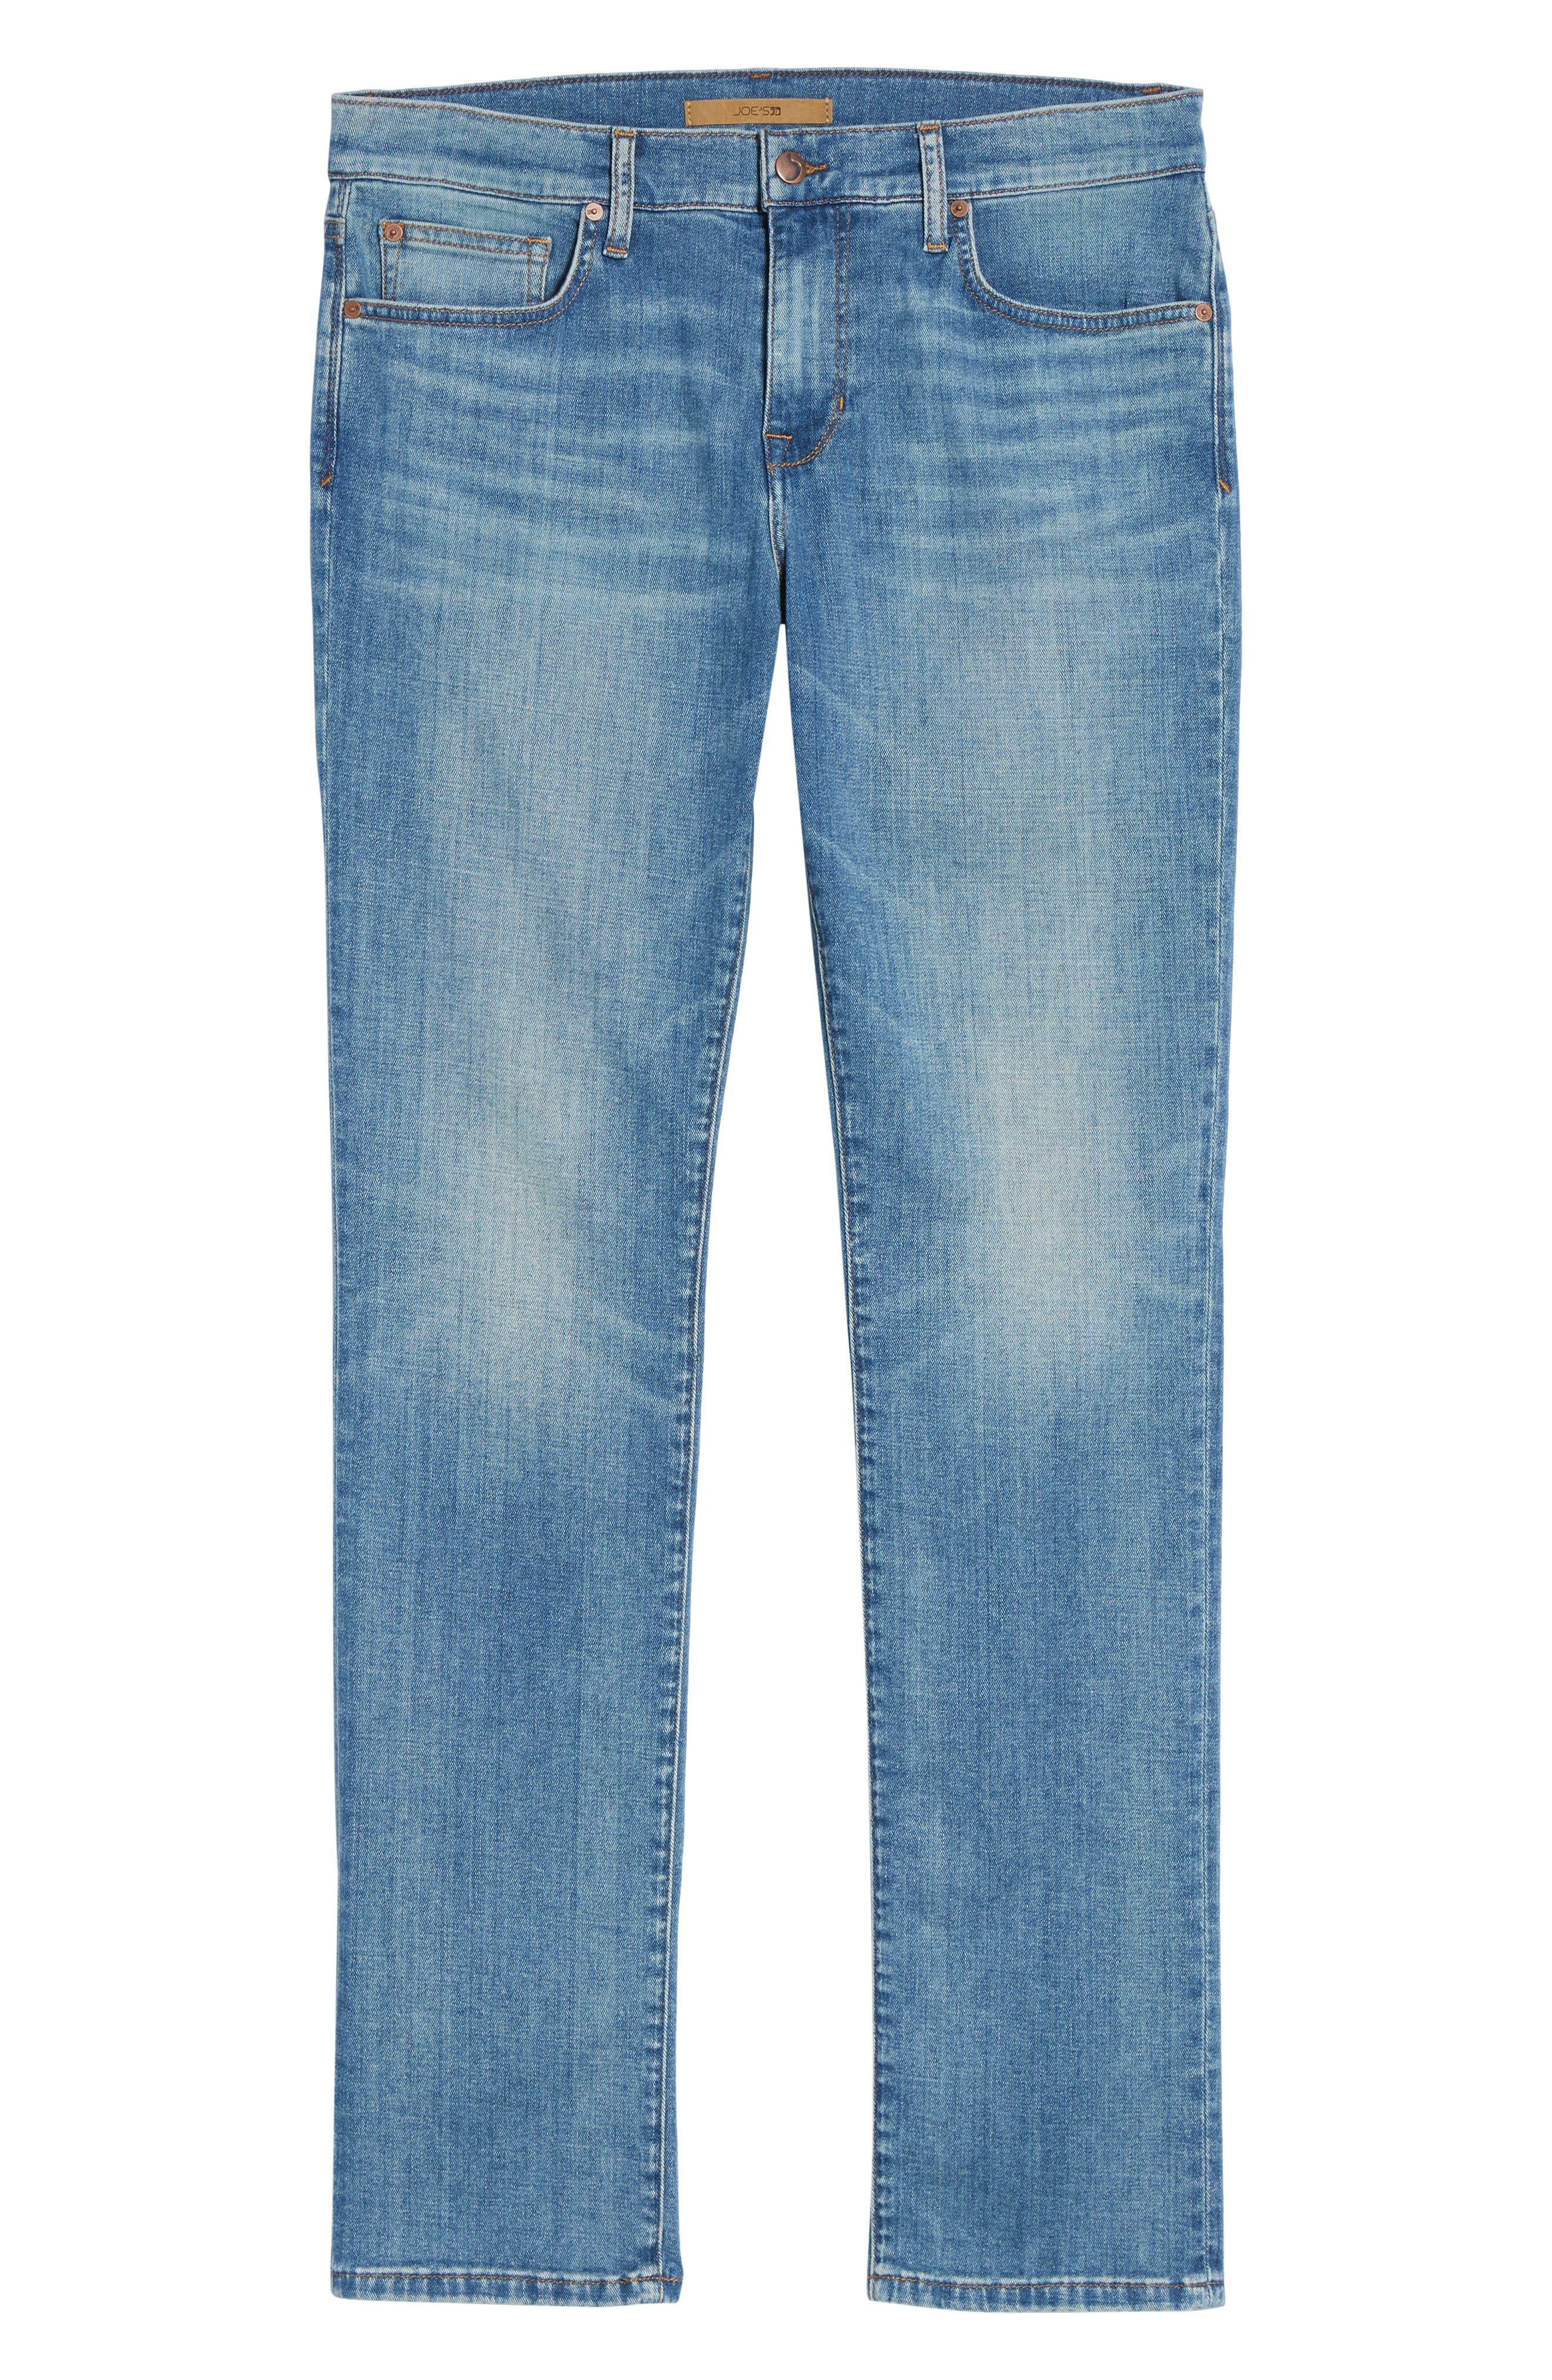 Slim Fit Jeans,                             Alternate thumbnail 6, color,                             DESTIN